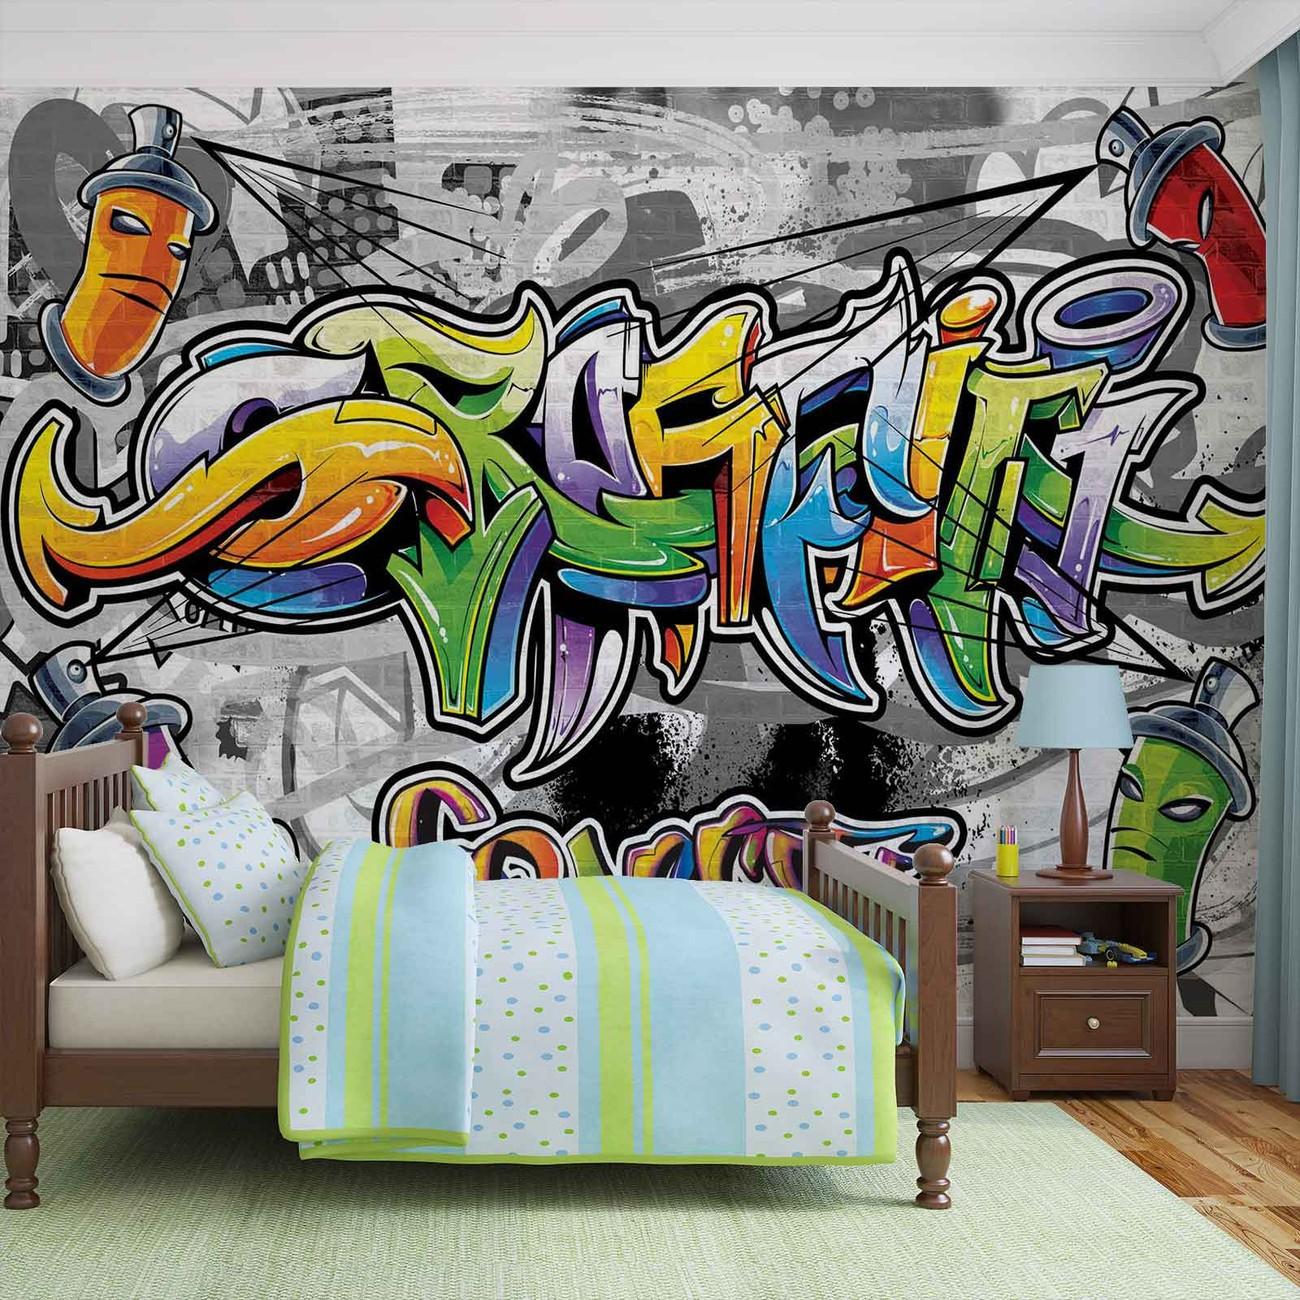 Street Art Wallpaper Murals Buy Online at EuroPosters